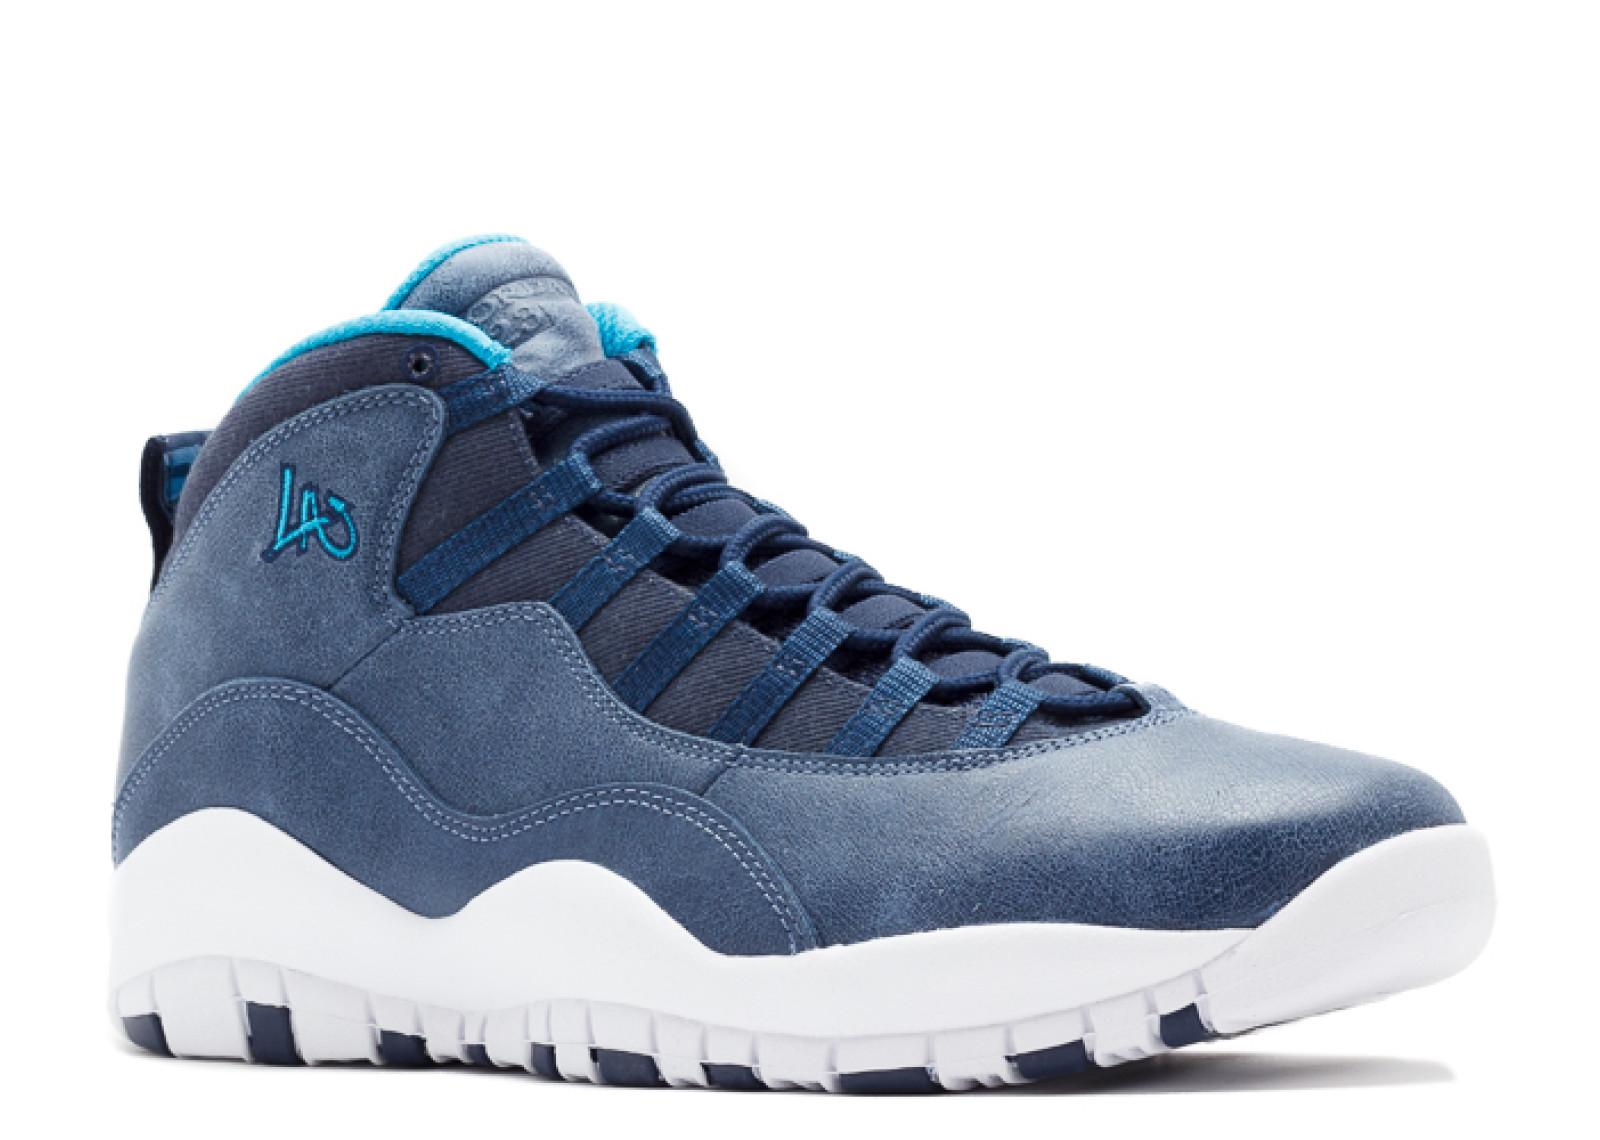 19cf4b2e4c3 Air Jordan - Men - Air Jordan Retro 10 'La' - 310805-404 - Size 11